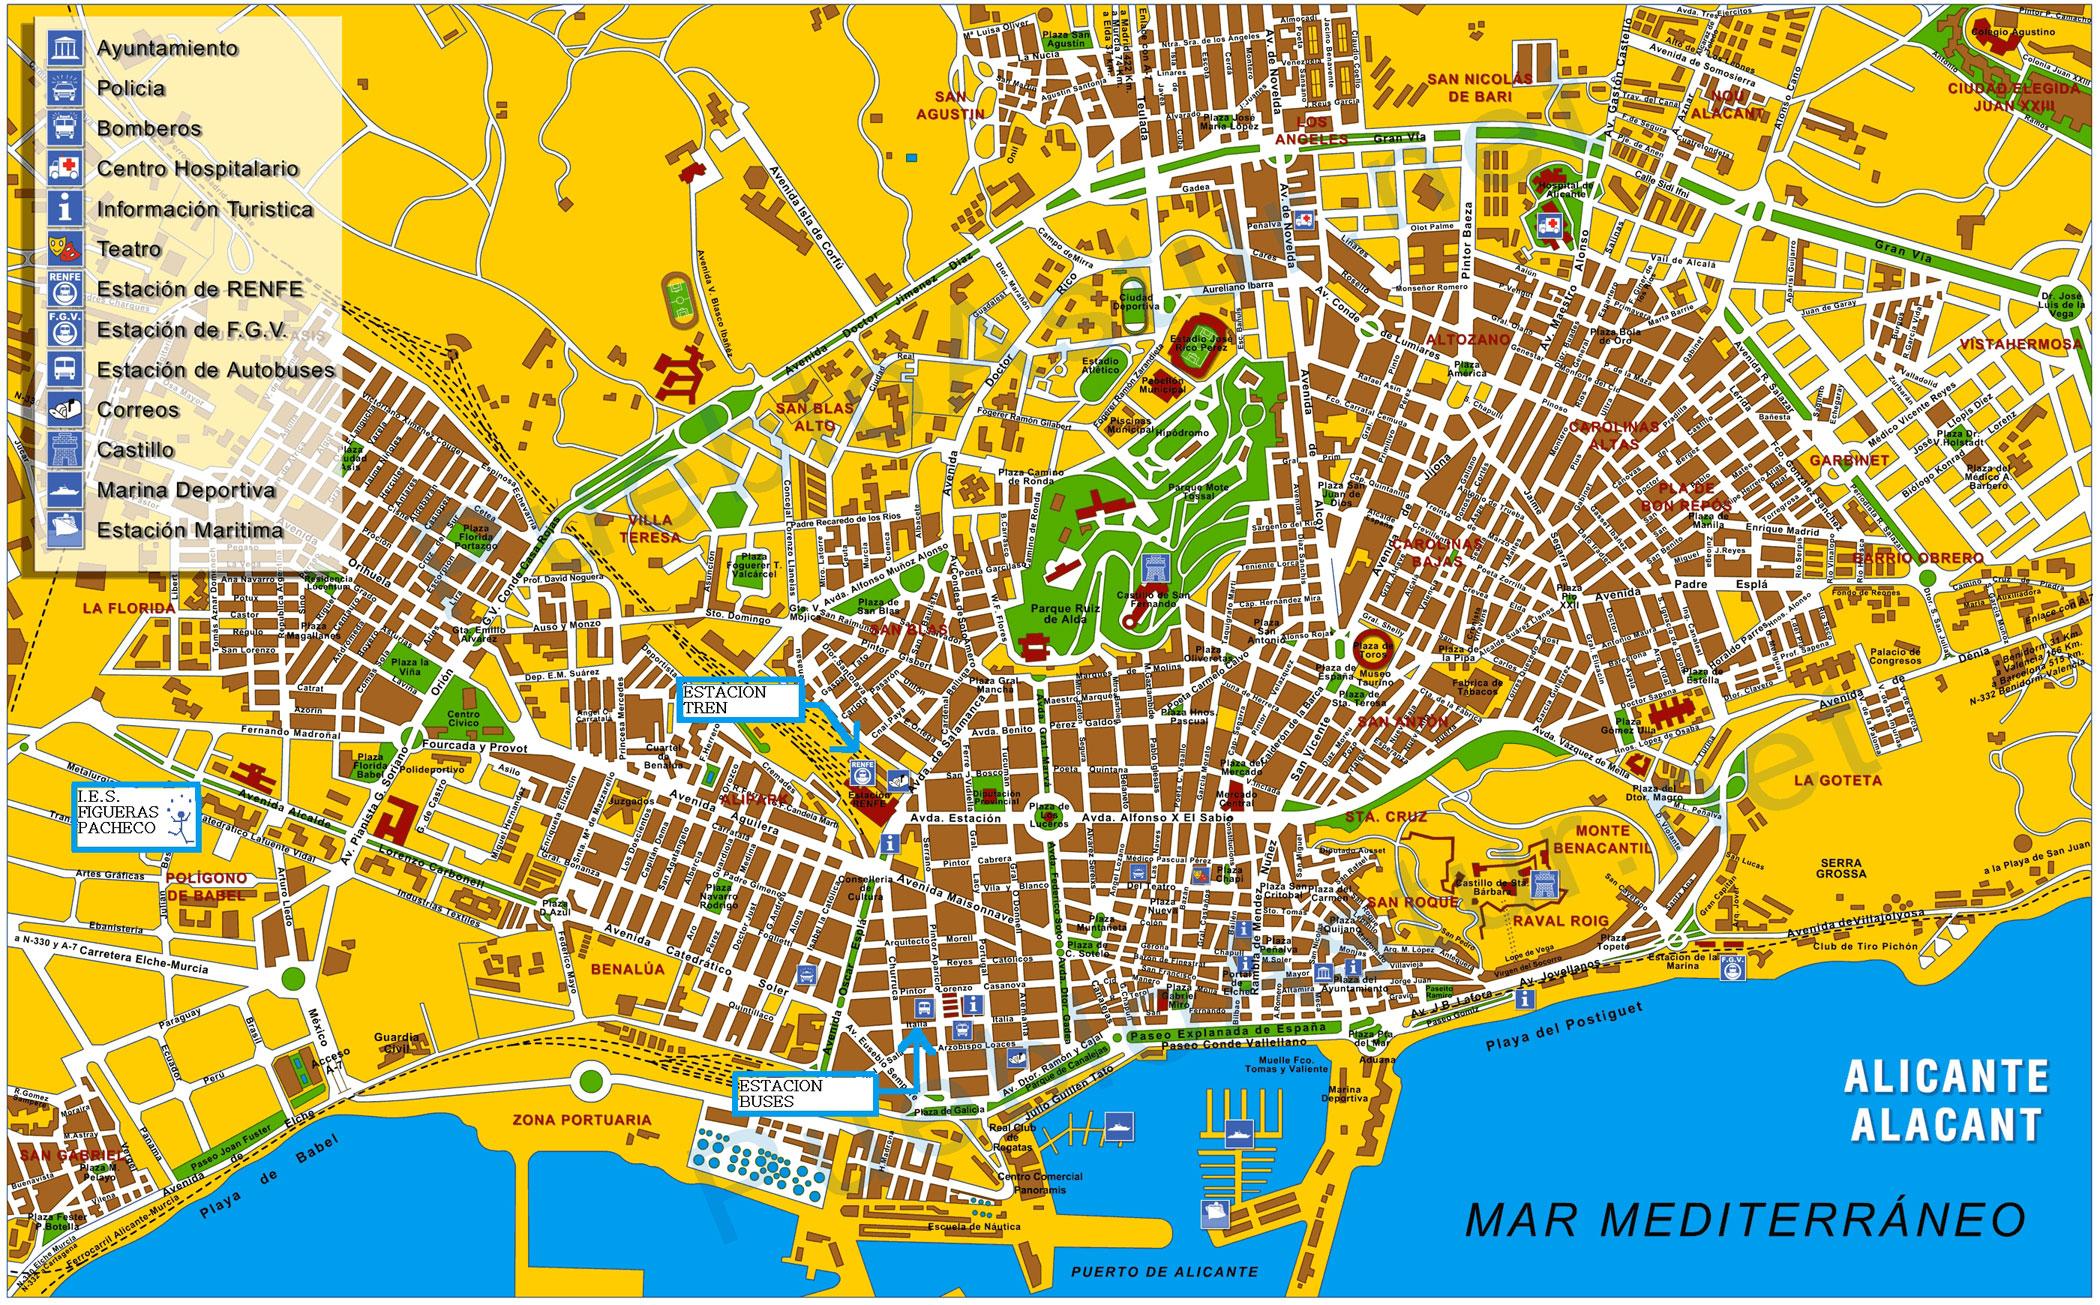 Mapa de alicante tama o completo for Codigo postal del barrio de salamanca en madrid